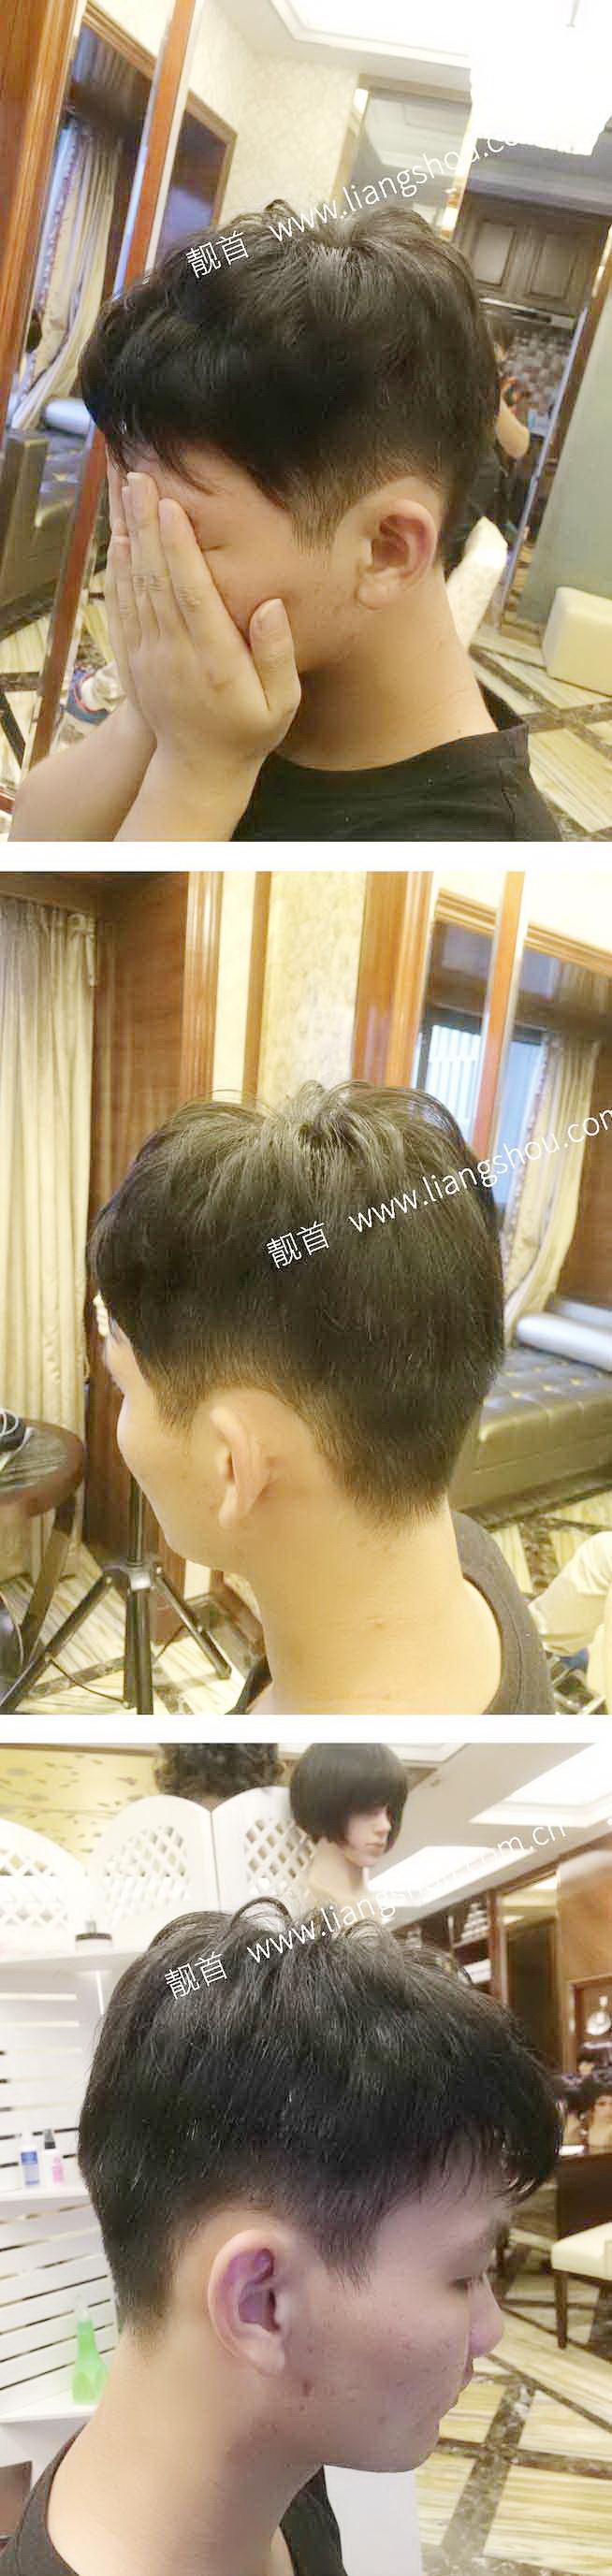 青年-自由式-发块-男织发补发案例图